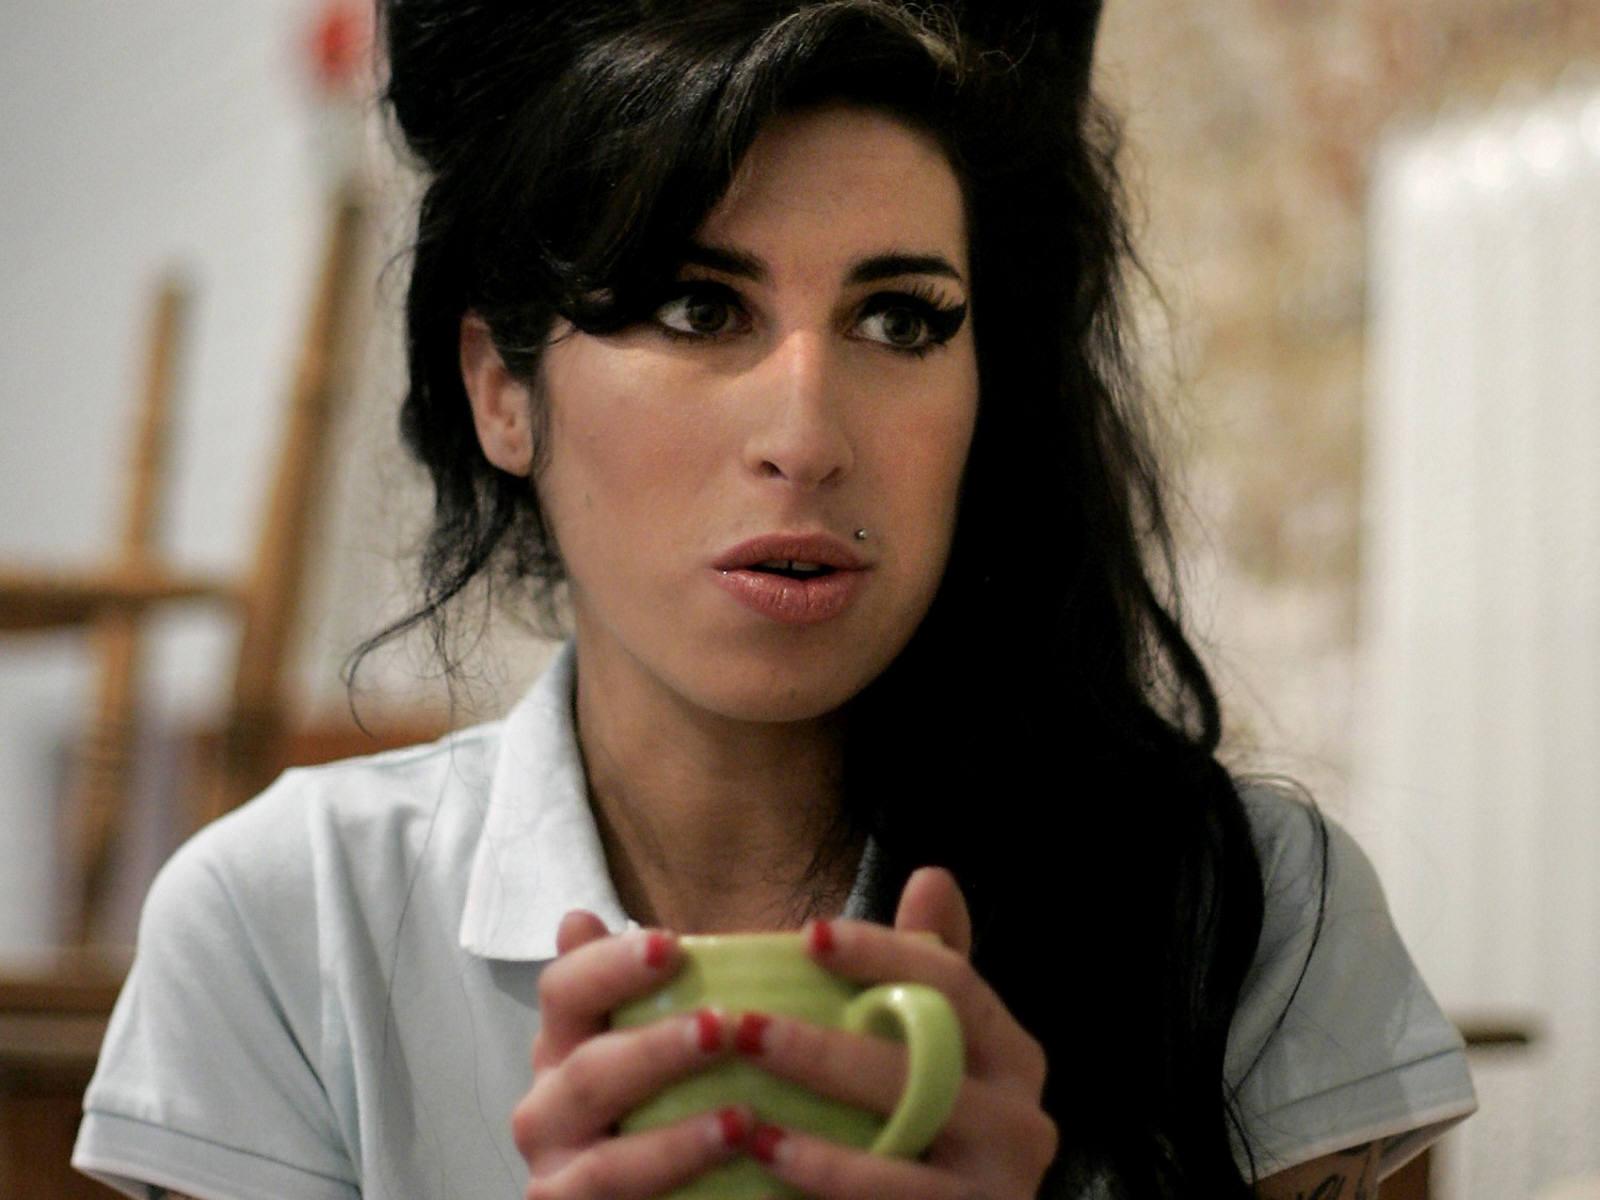 https://3.bp.blogspot.com/-t_JpM5ANq9o/TiszSRPtzyI/AAAAAAAAkfQ/m_d6p1-YHLs/s1600/Amy_Winehouse_0007_1600X1200_Wallpaper.jpg